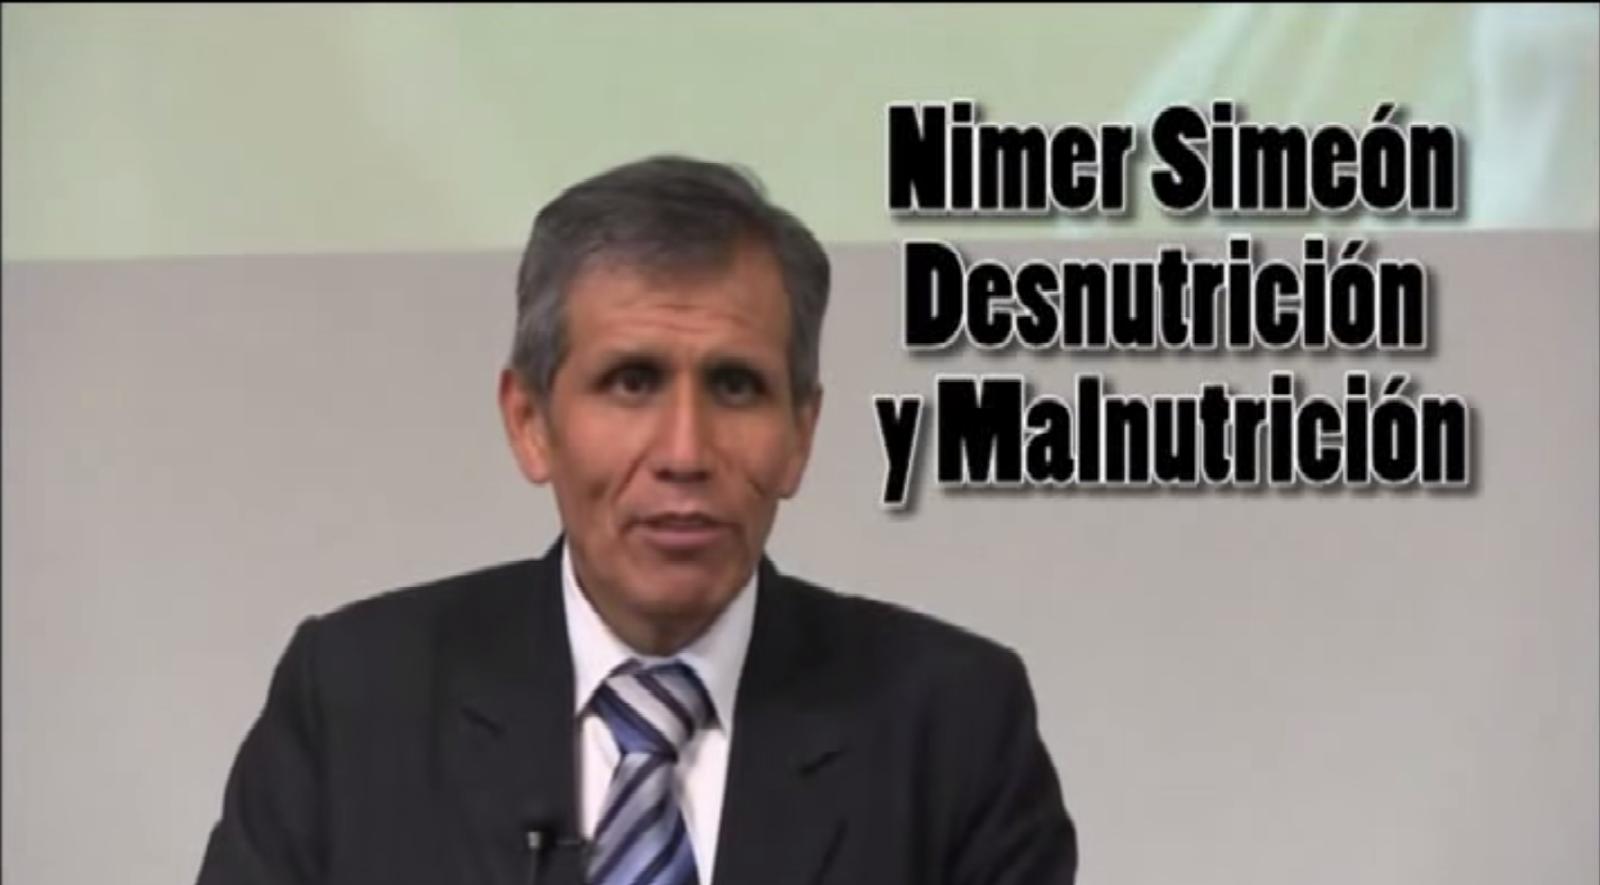 DESNUTRICIÓN Y MALNUTRICIÓN